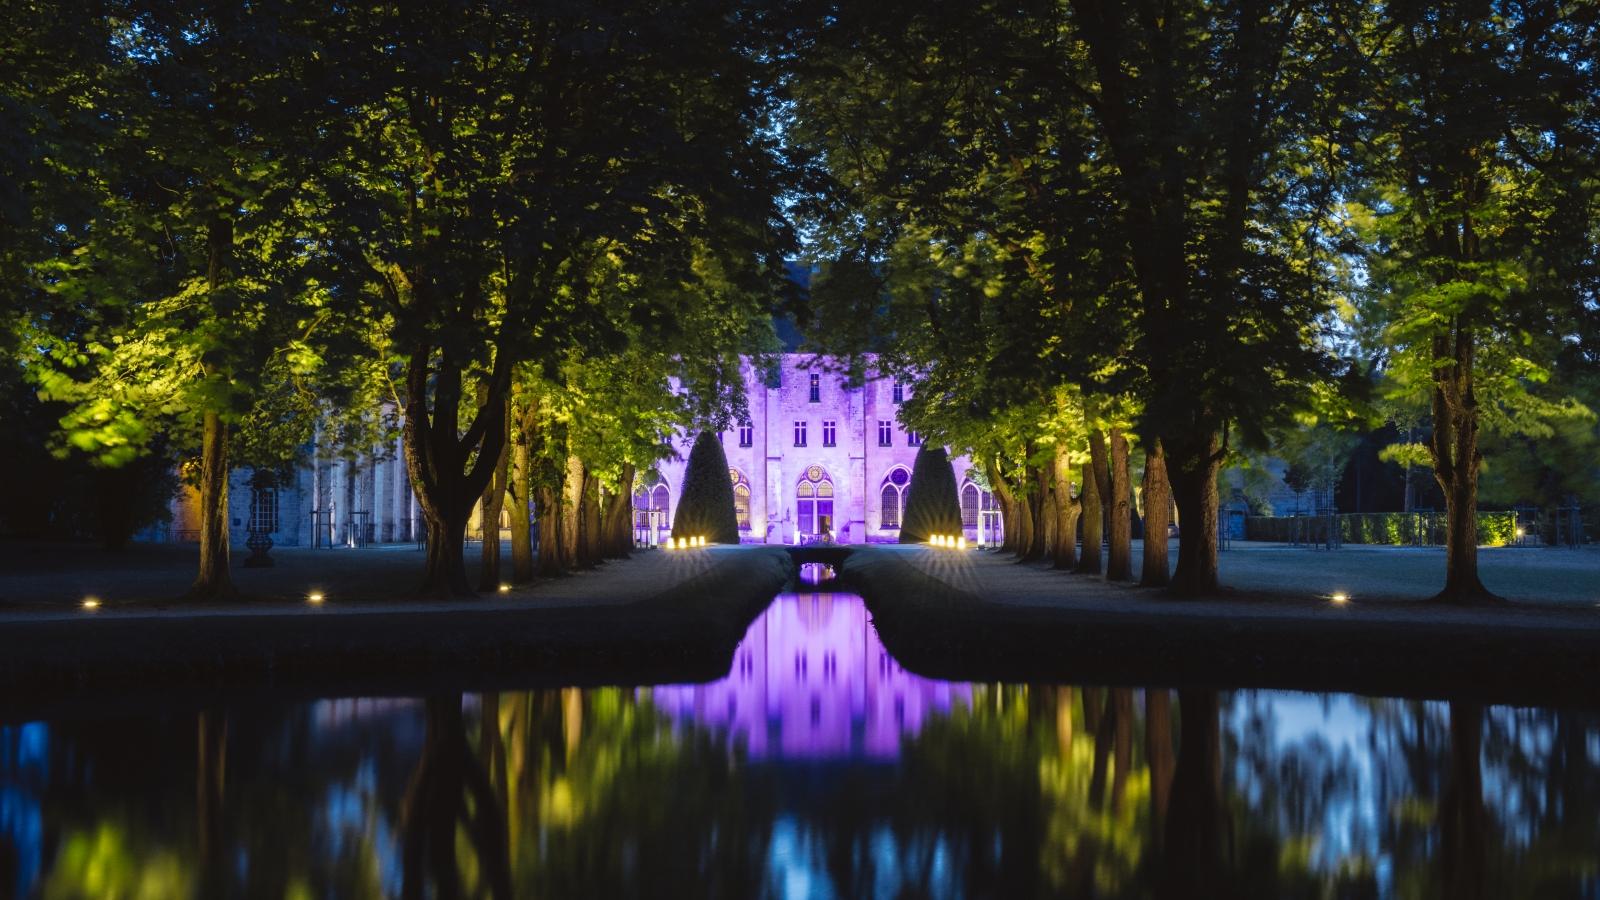 Photo du parc de Royaumont de nuit avec jeux de lumières sur la façade du monument et reflet de la vue dans l'eau.